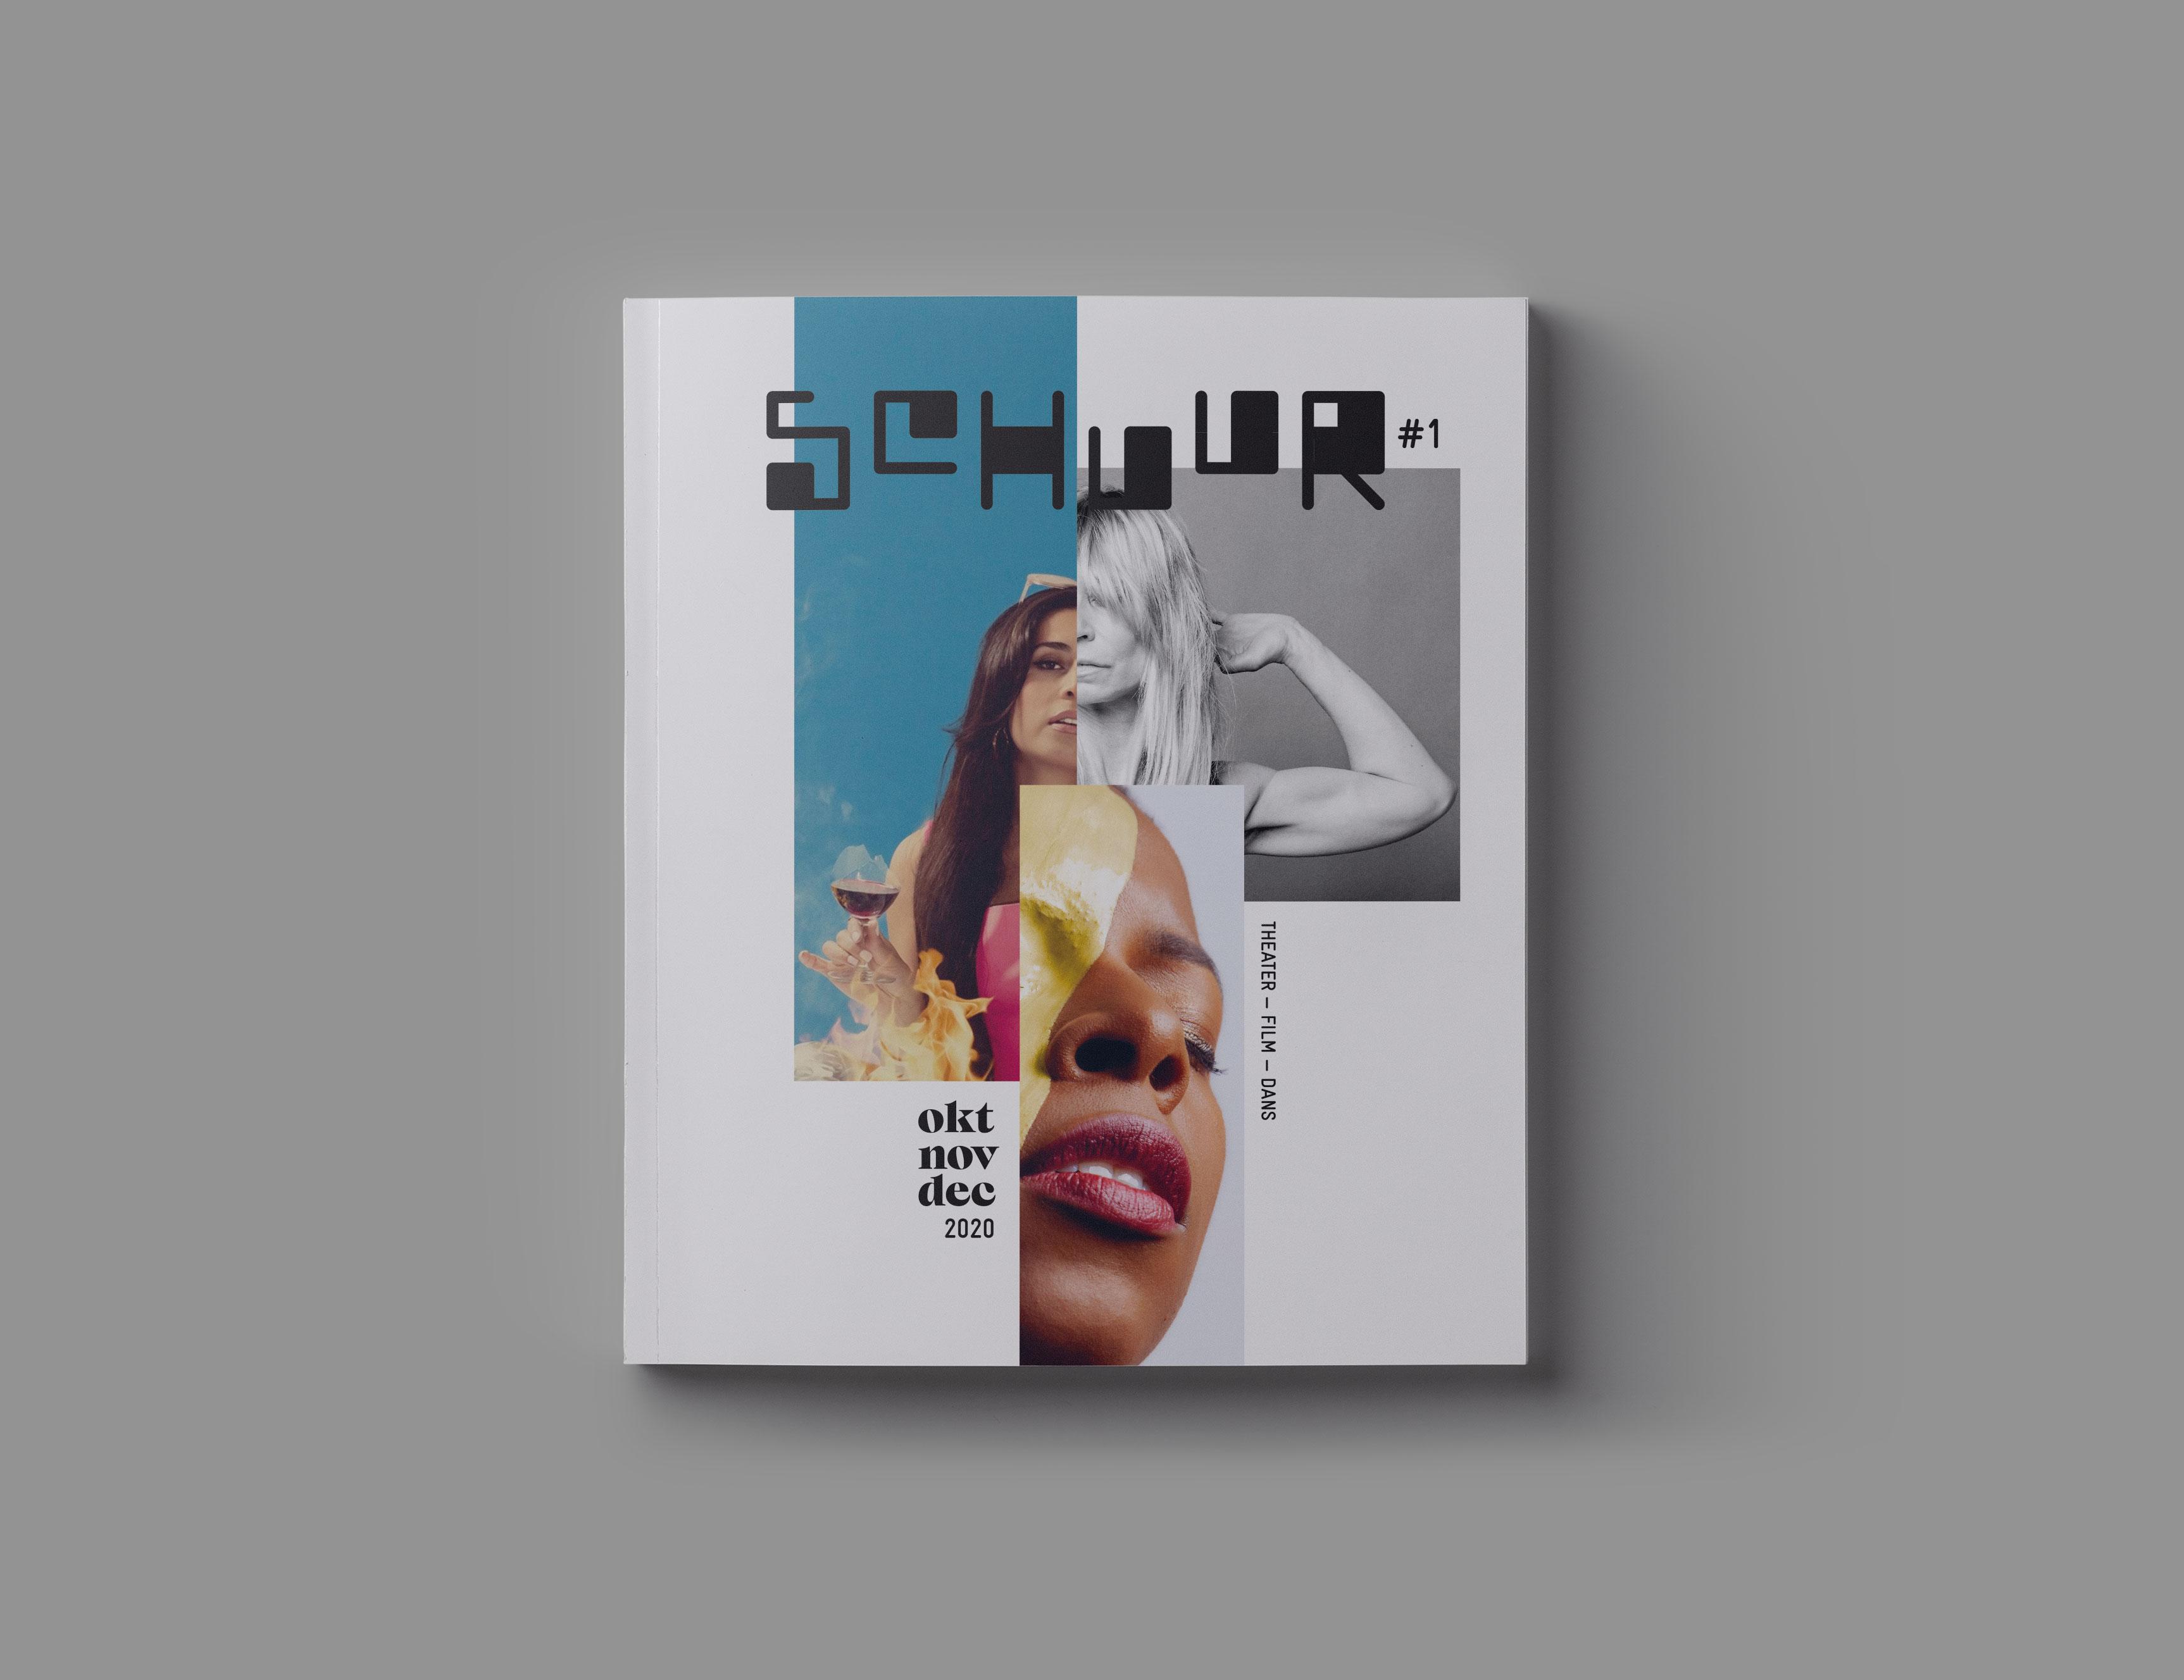 SchuurSaar-ontwerp_00